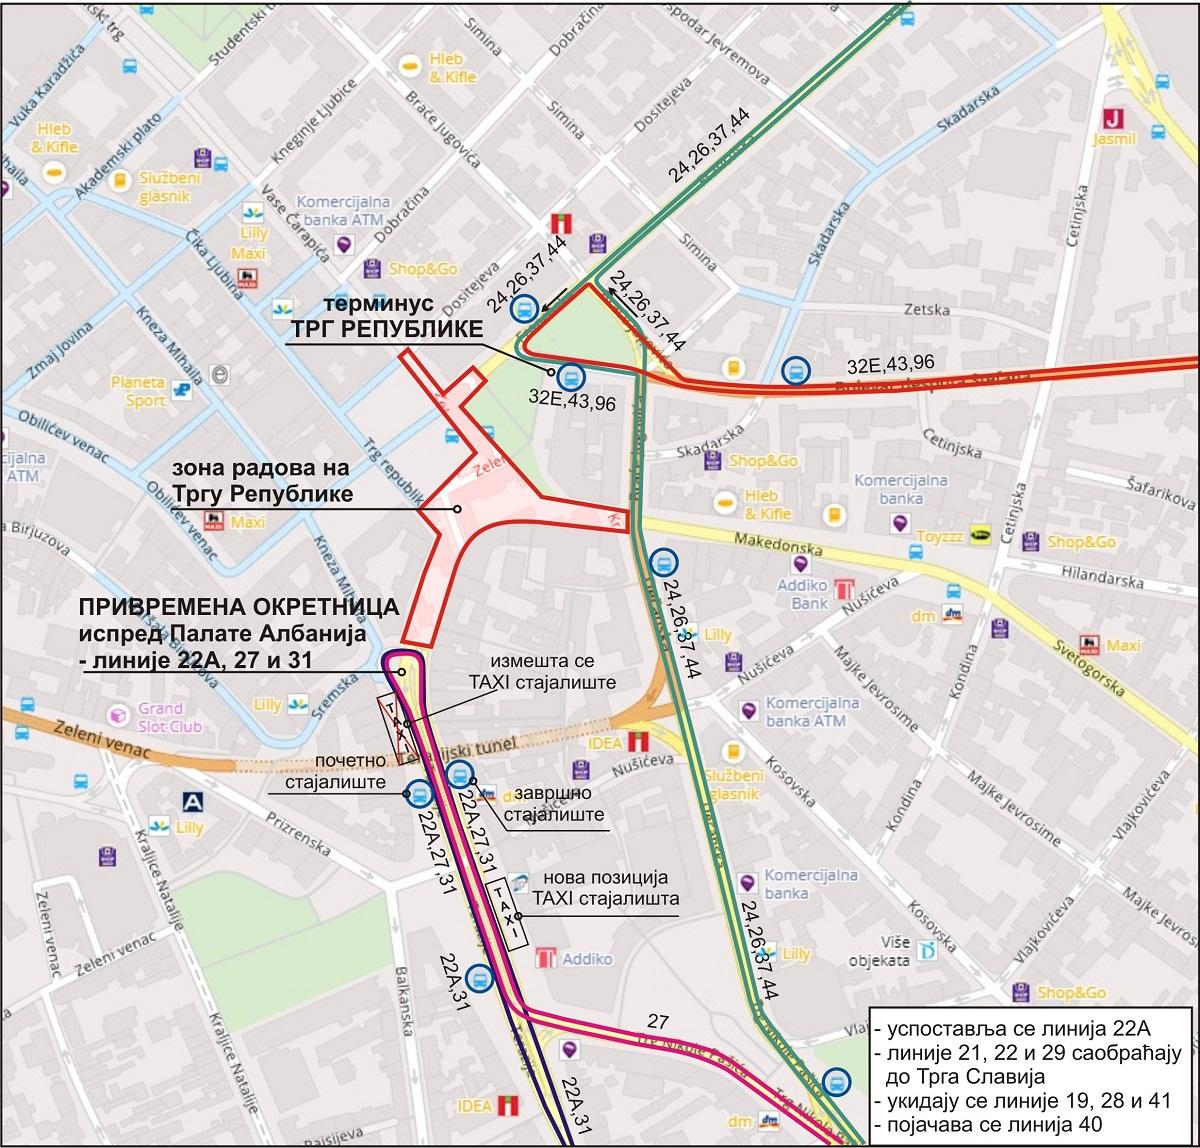 Kolarčeva i Trg republike zatvoreni, izmene u saobraćaju